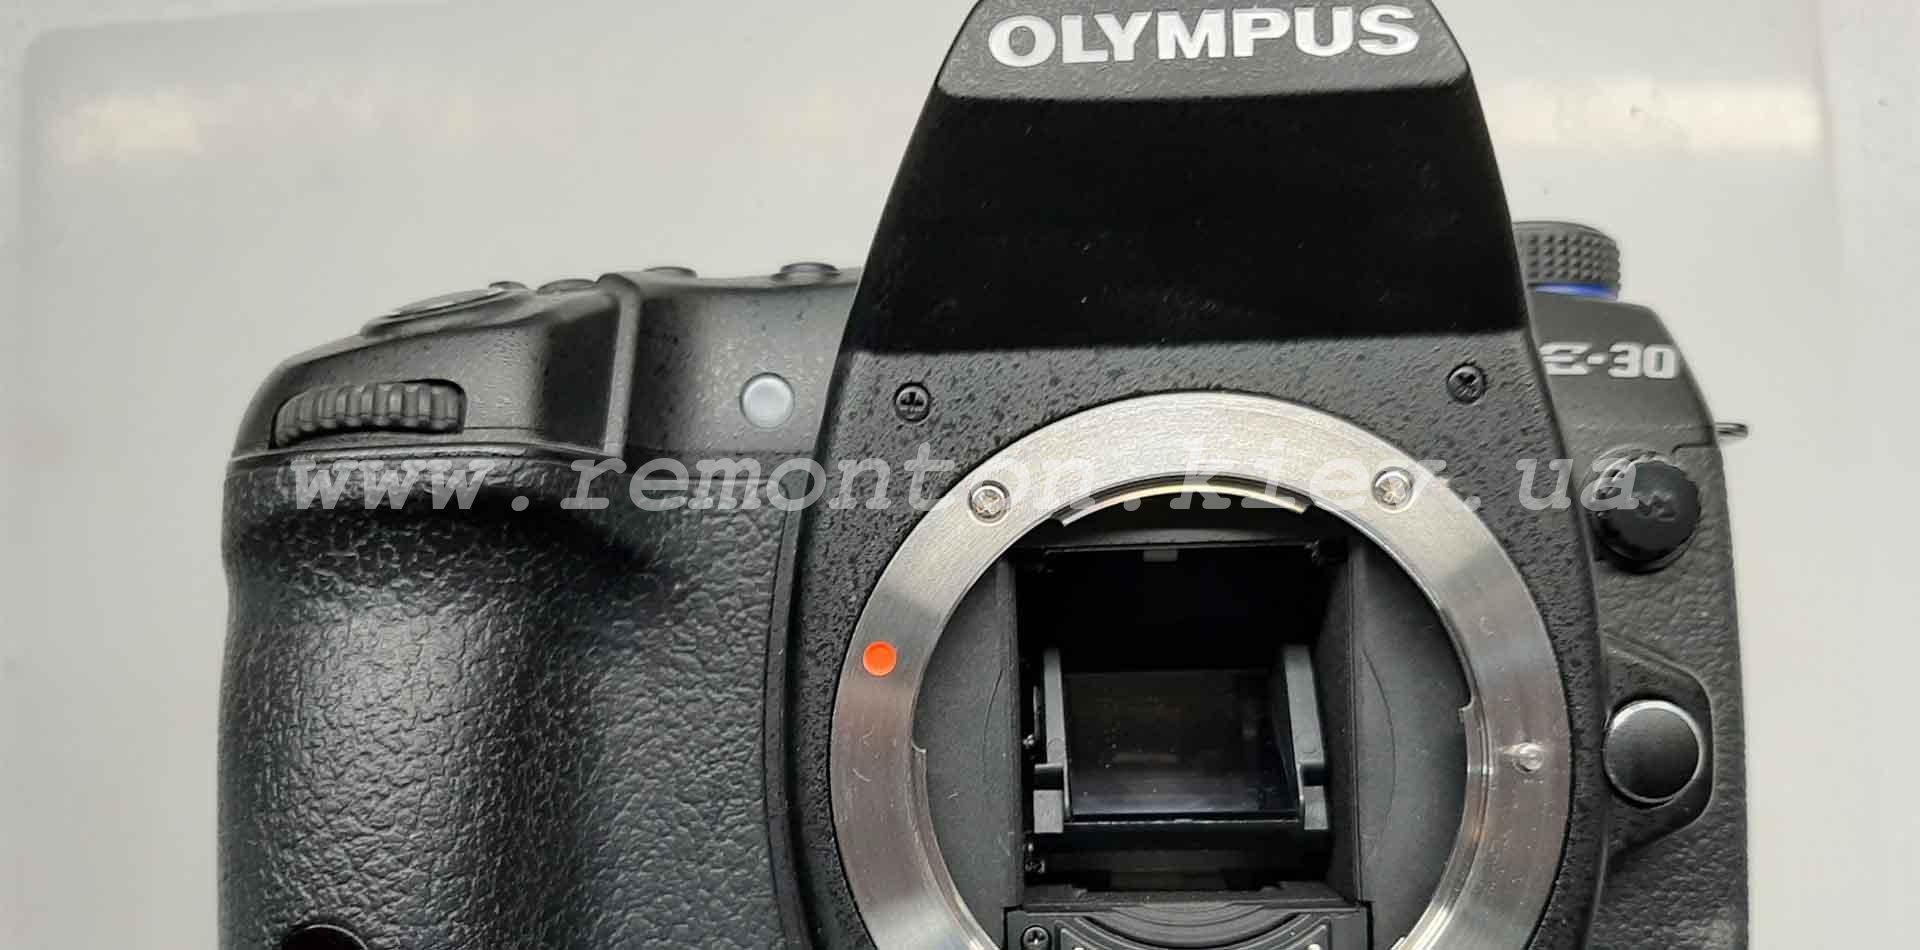 фотоаппарат олимпус не видит карту памяти бы, хочешь